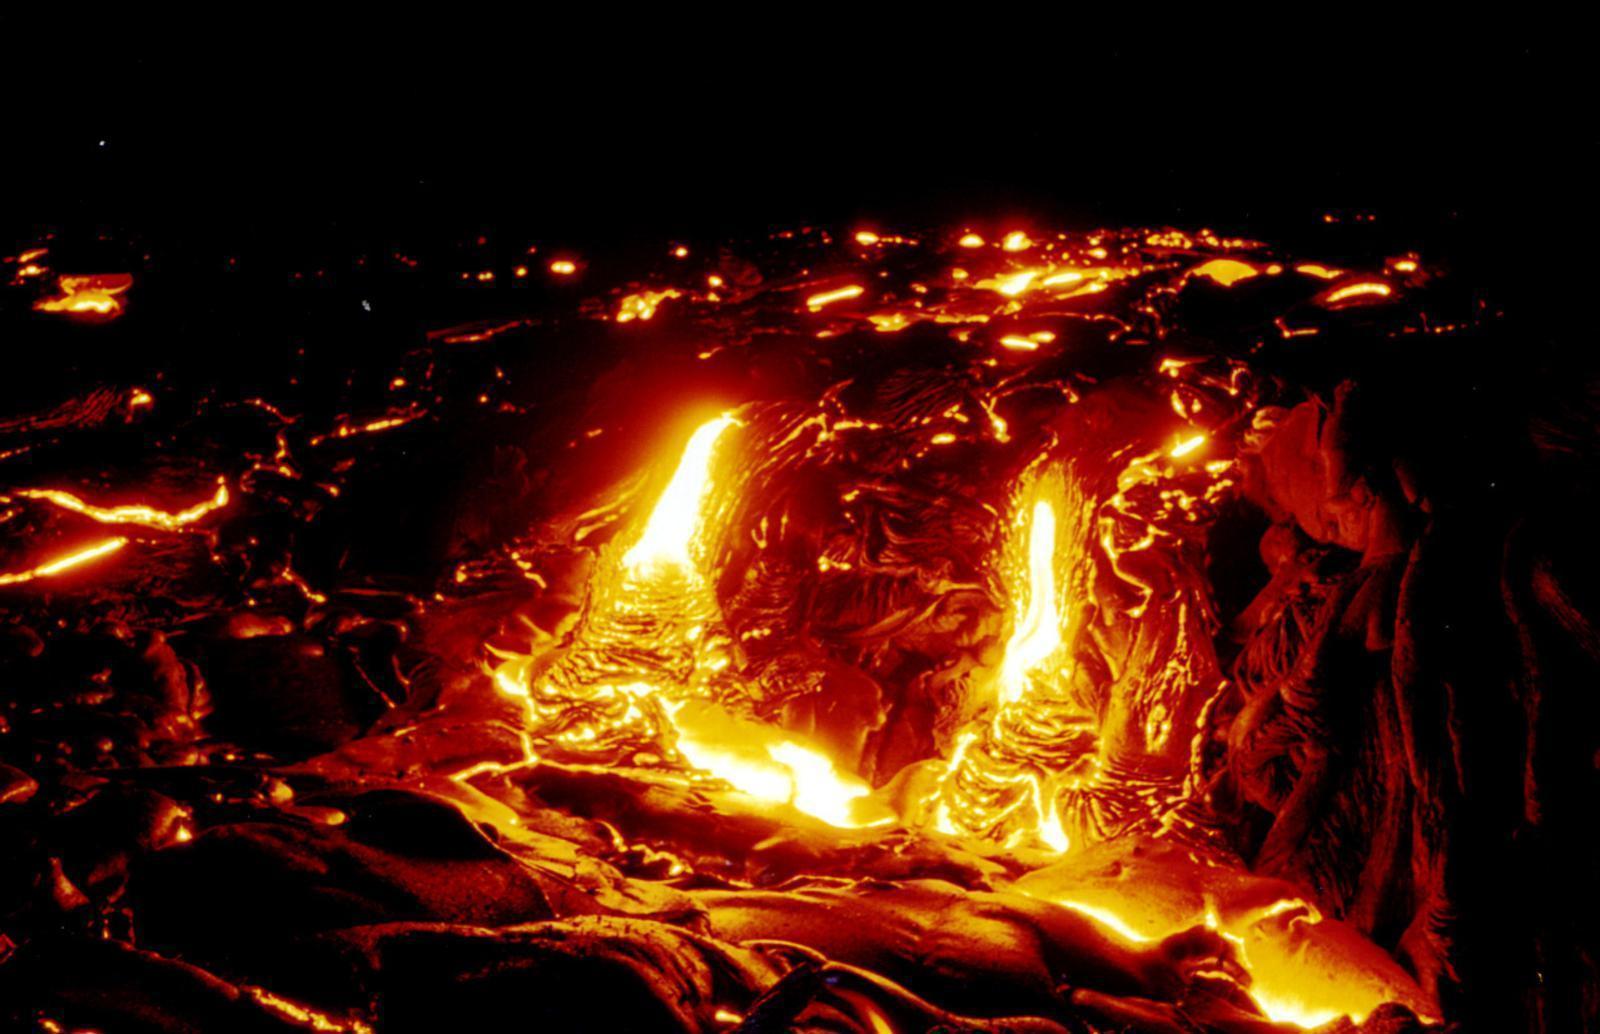 lava wallpaper - photo #3